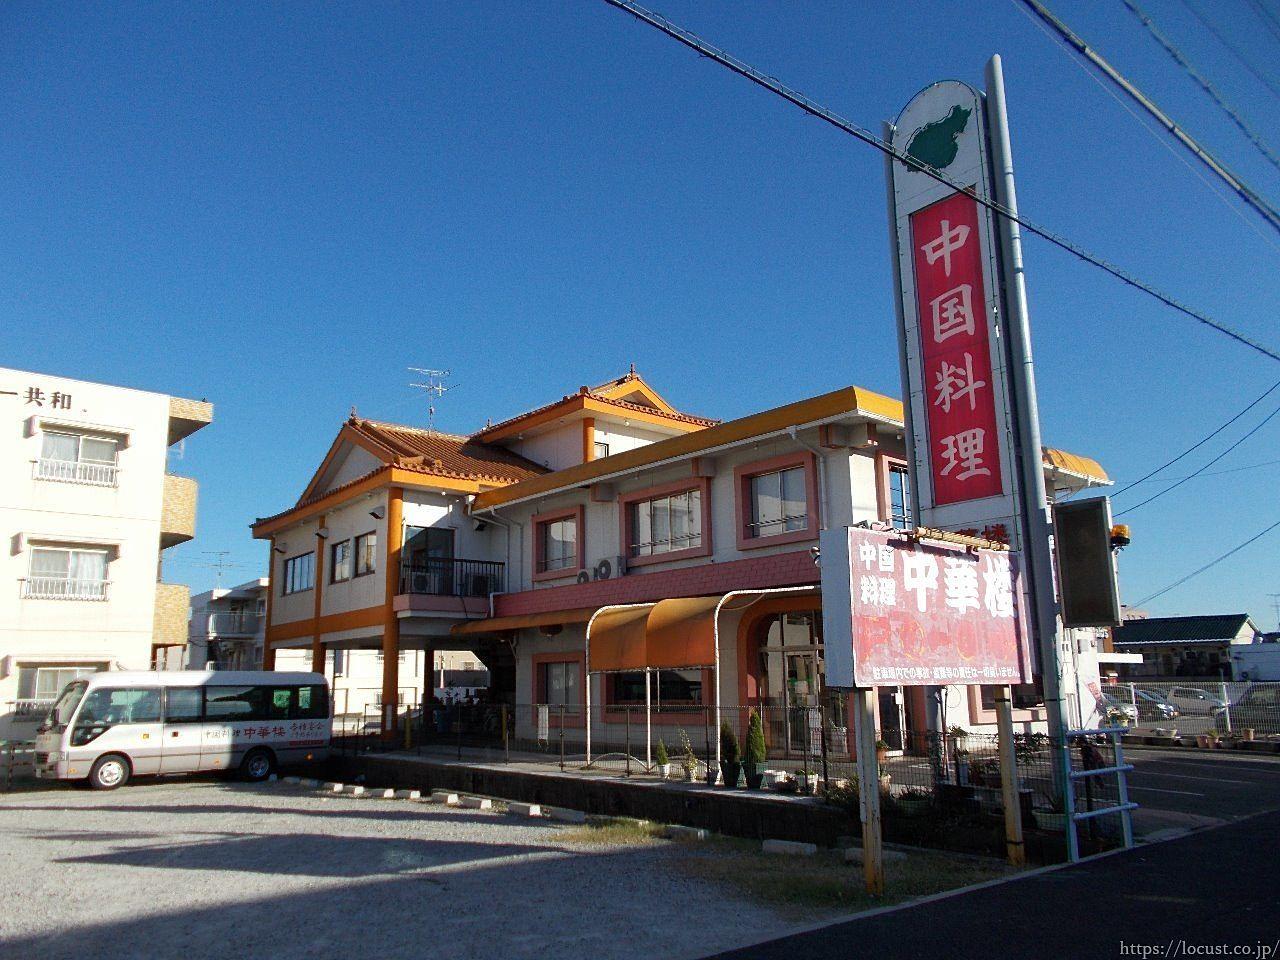 【中華楼】は、大人数での宴会にも対応できる中華料理店です。